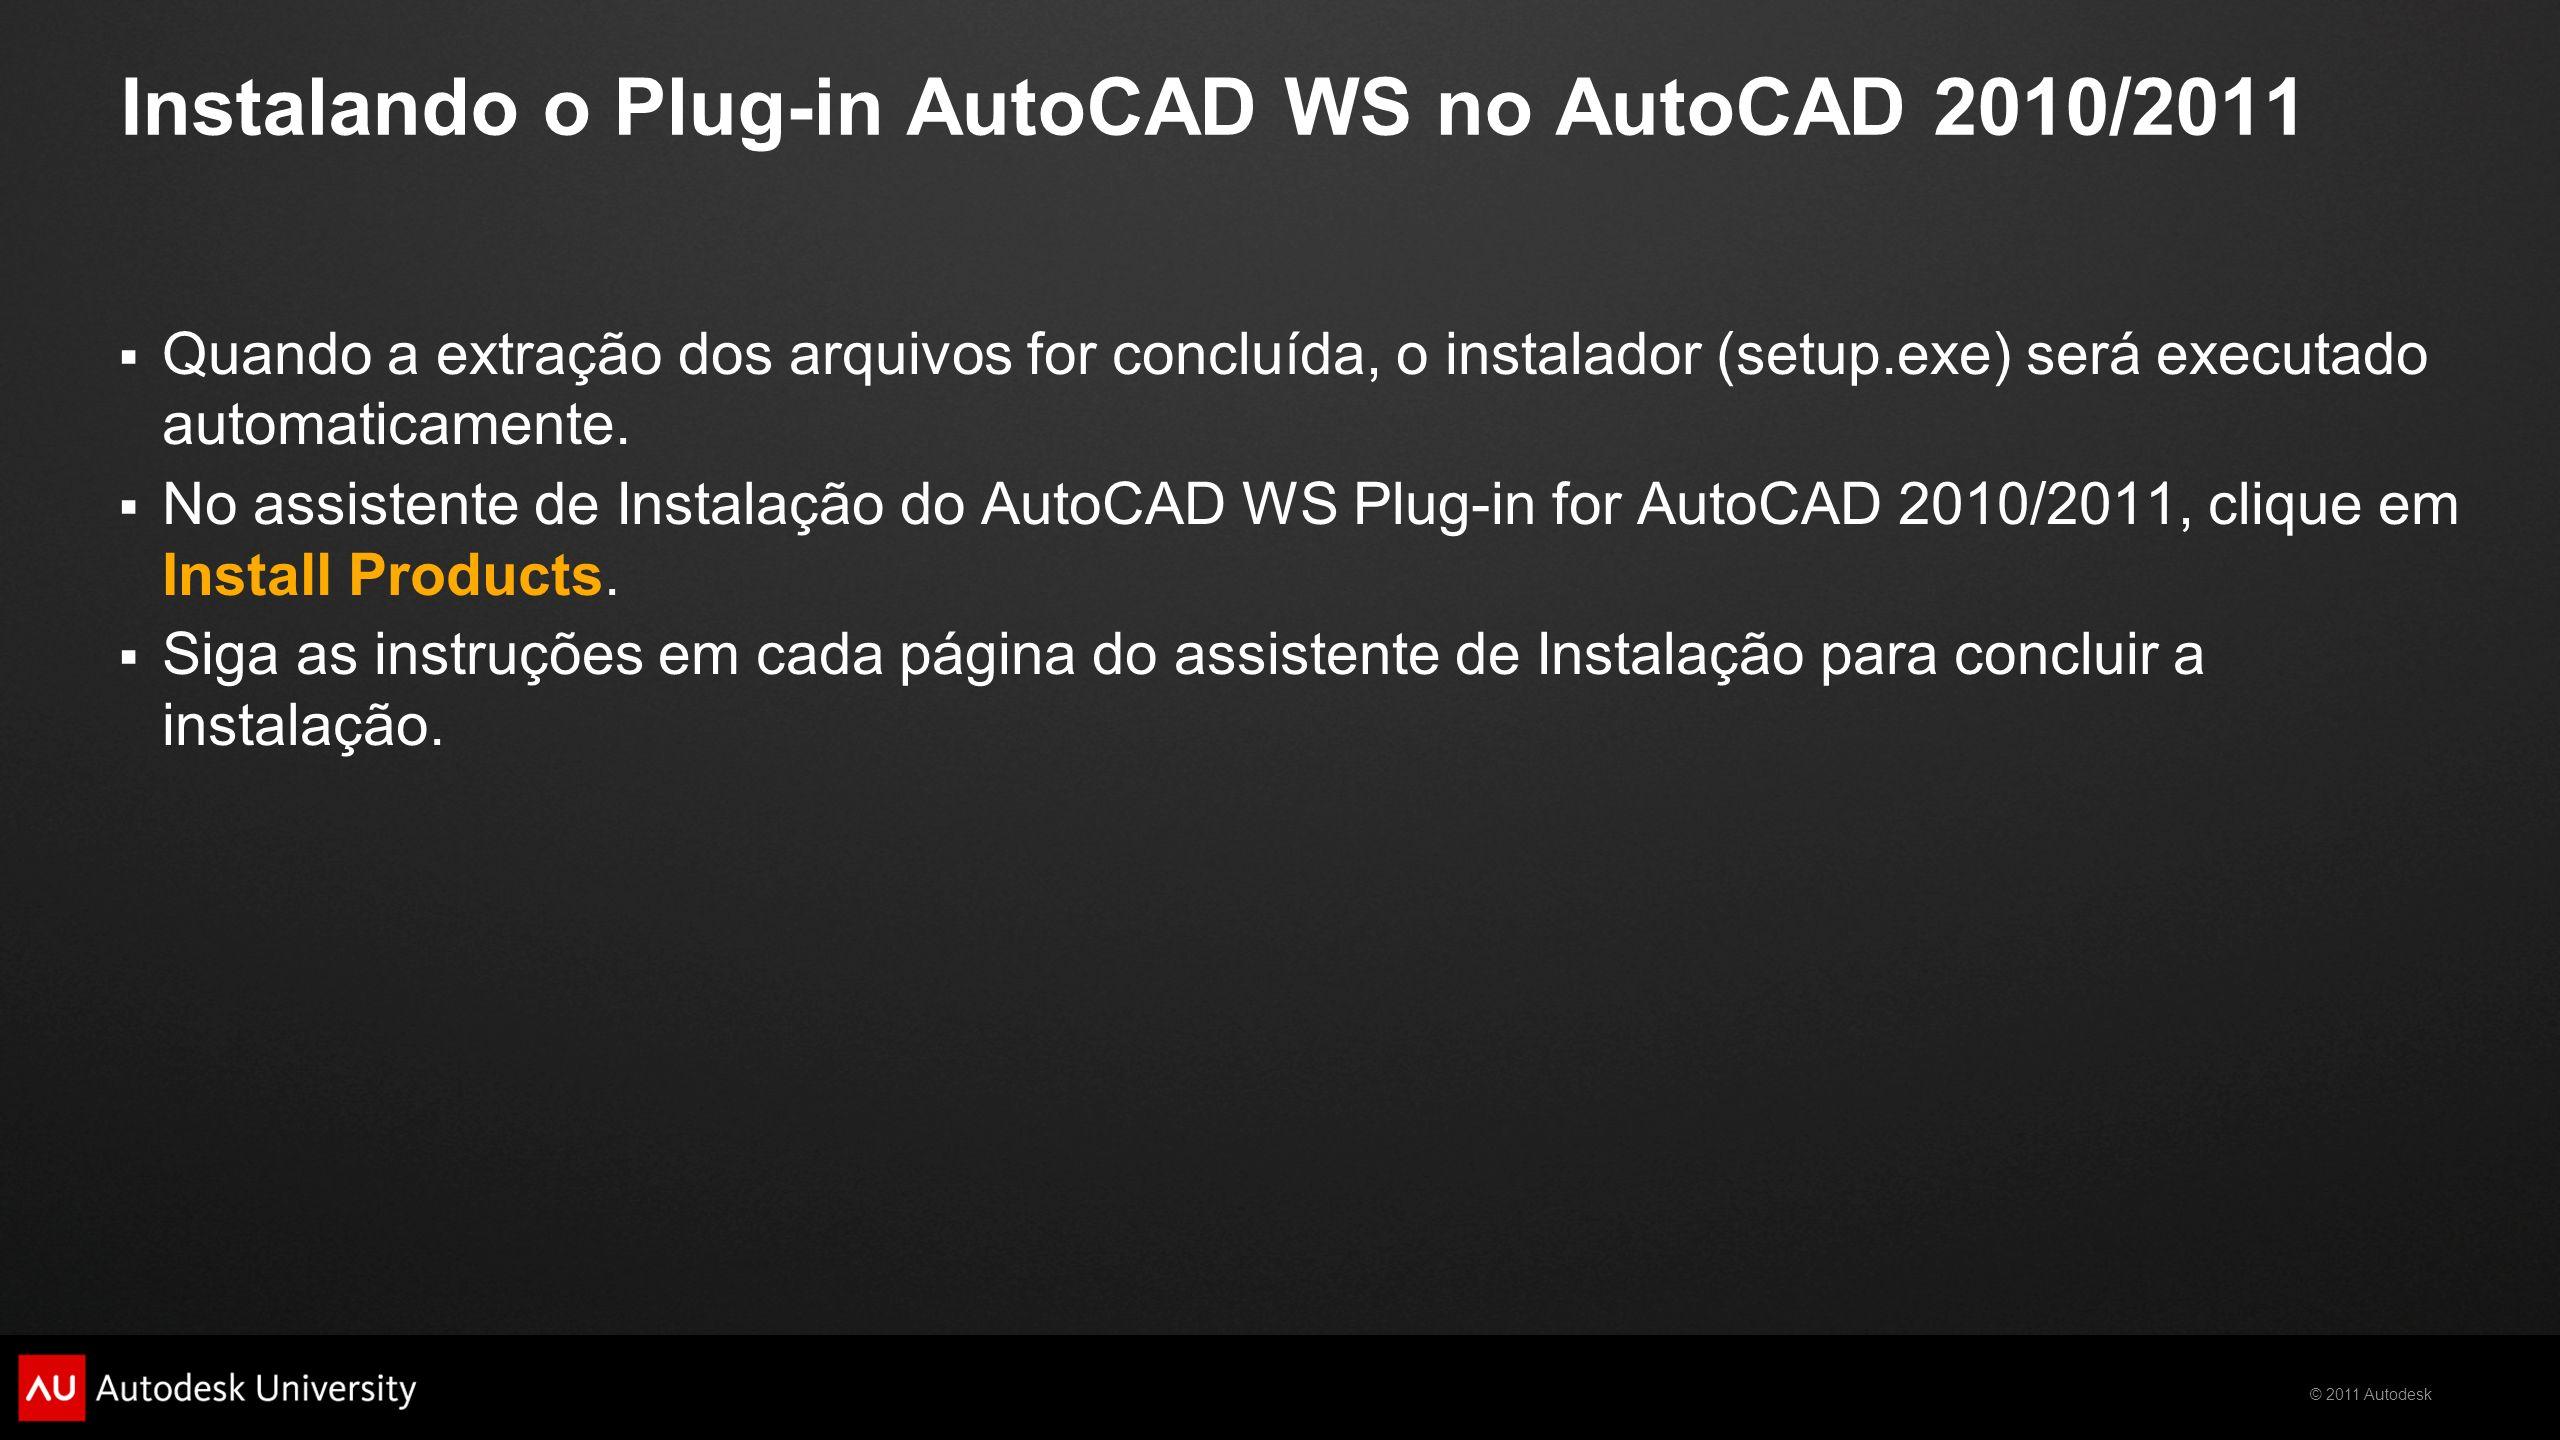 © 2011 Autodesk Instalando o Plug-in AutoCAD WS no AutoCAD 2010/2011 Quando a extração dos arquivos for concluída, o instalador (setup.exe) será executado automaticamente.